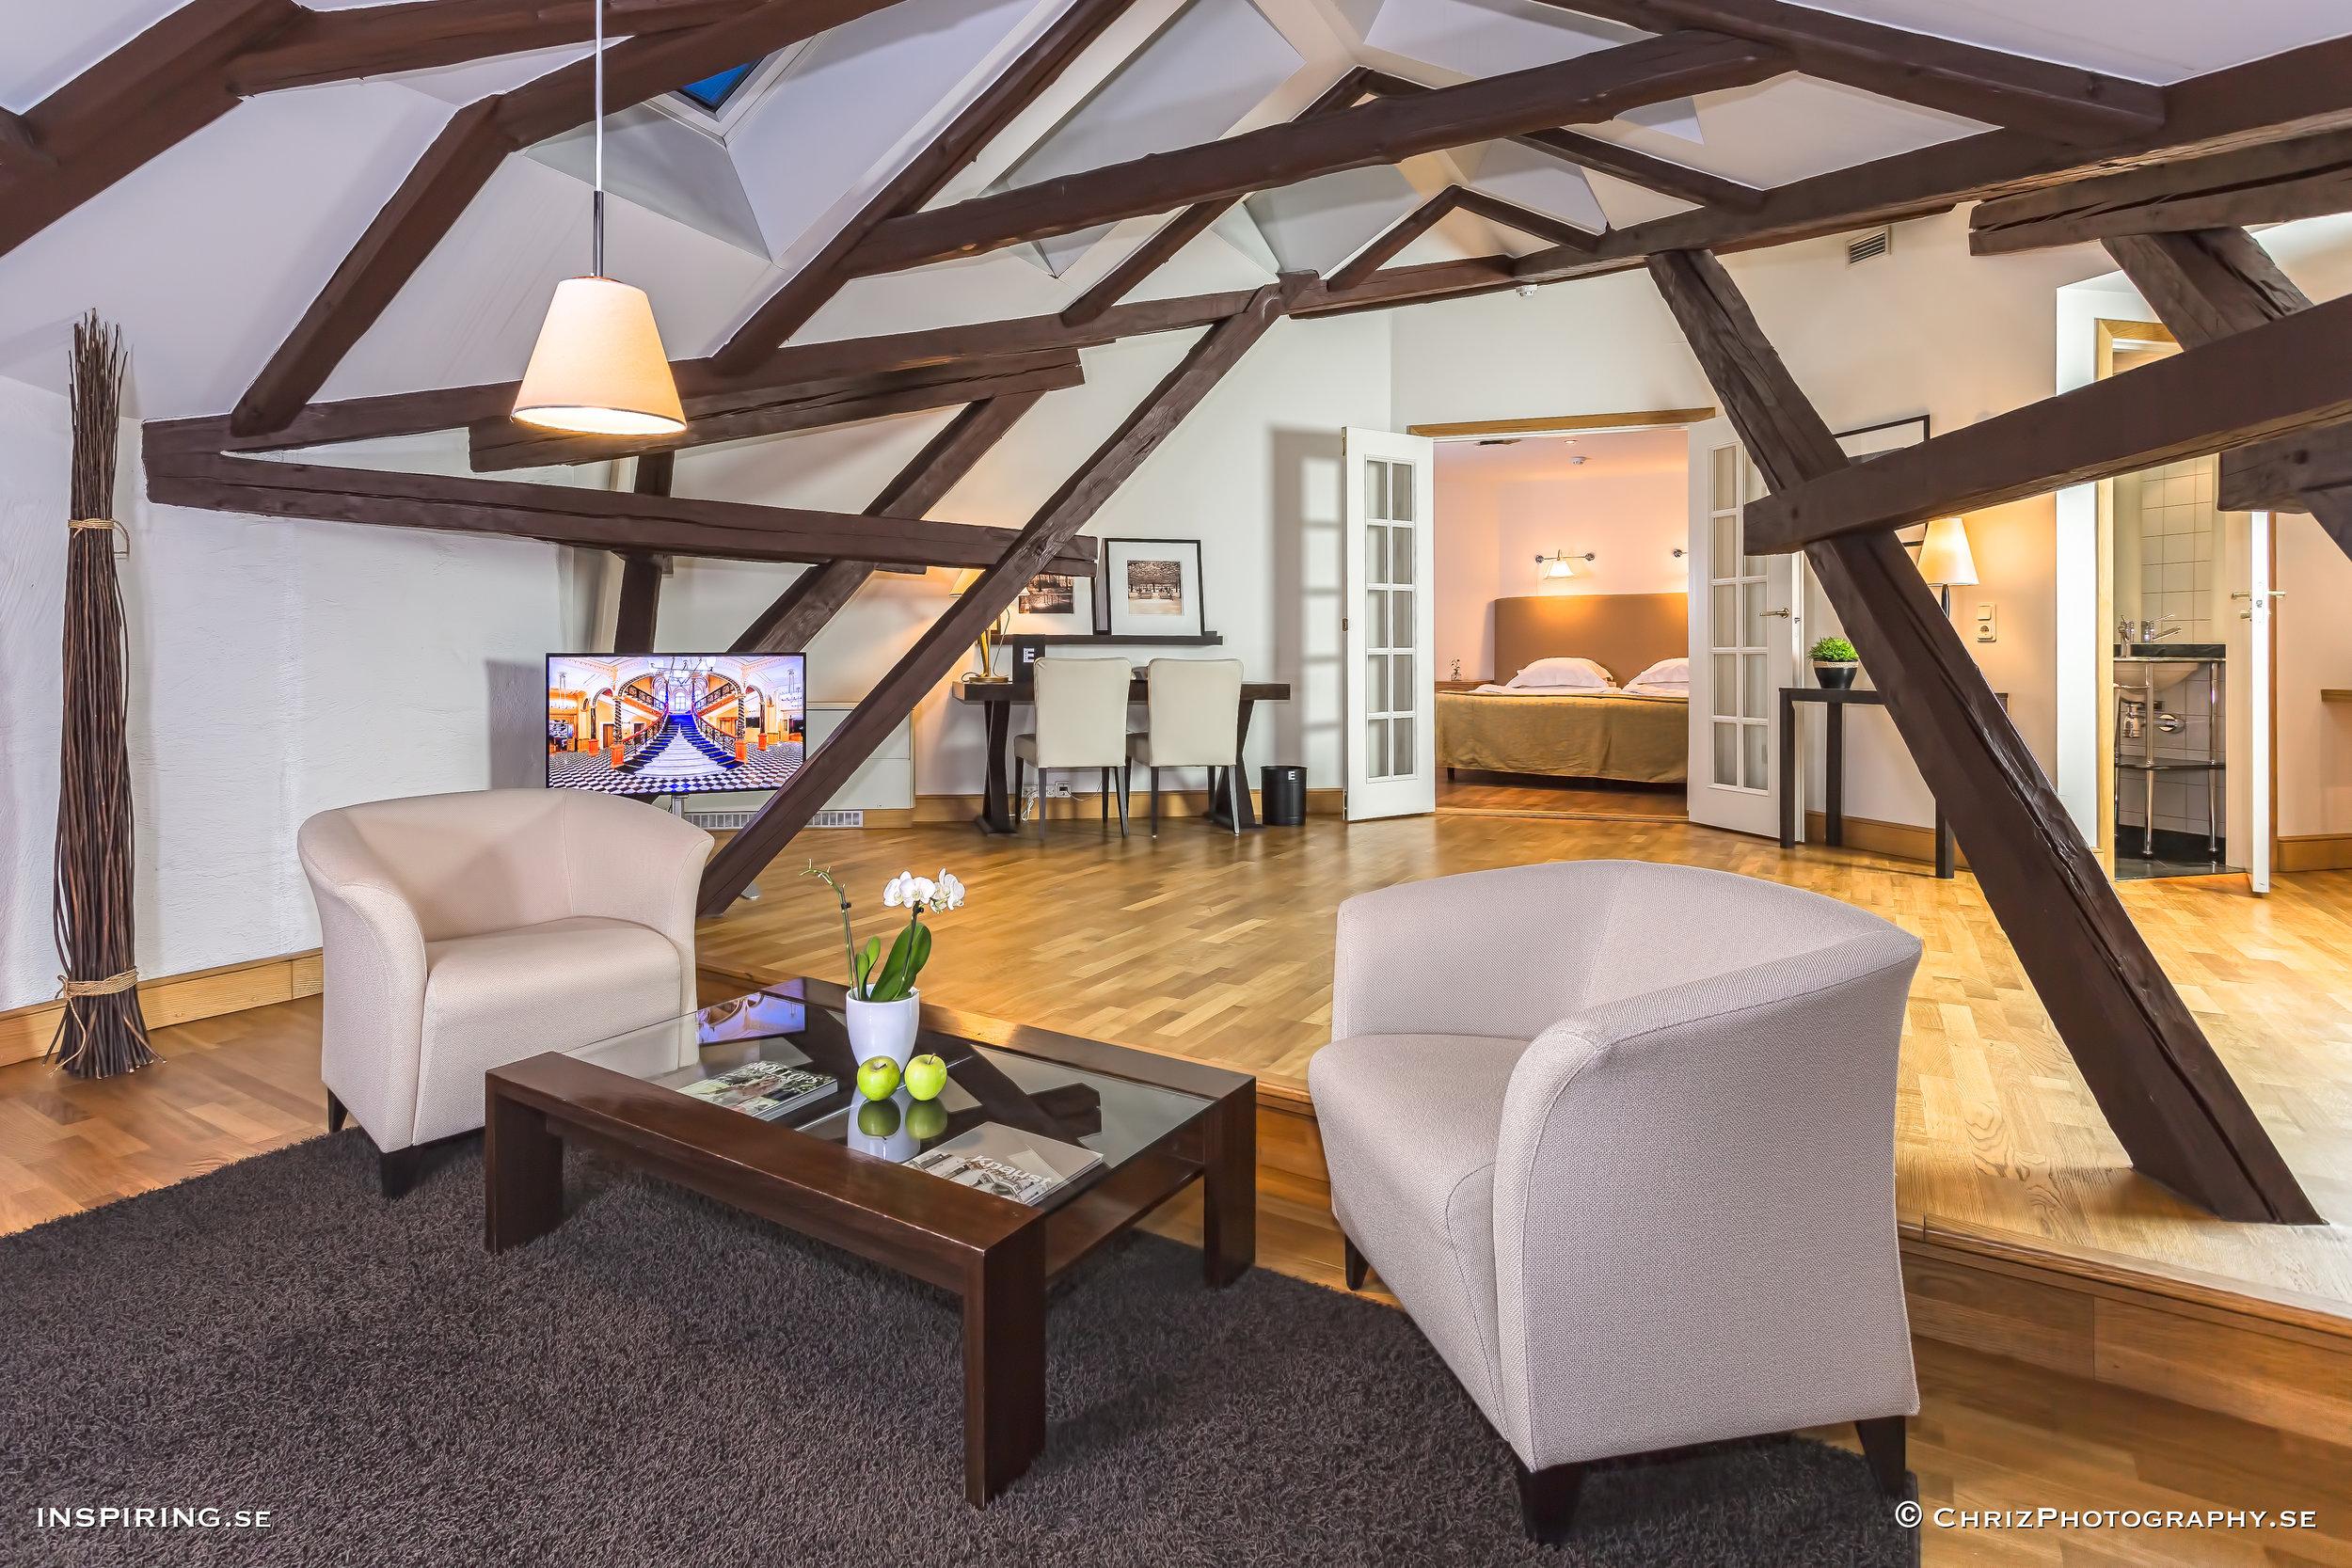 Elite_Hotel_Knaust_Inspiring.se_copyright_ChrizPhotography.se_43.jpg